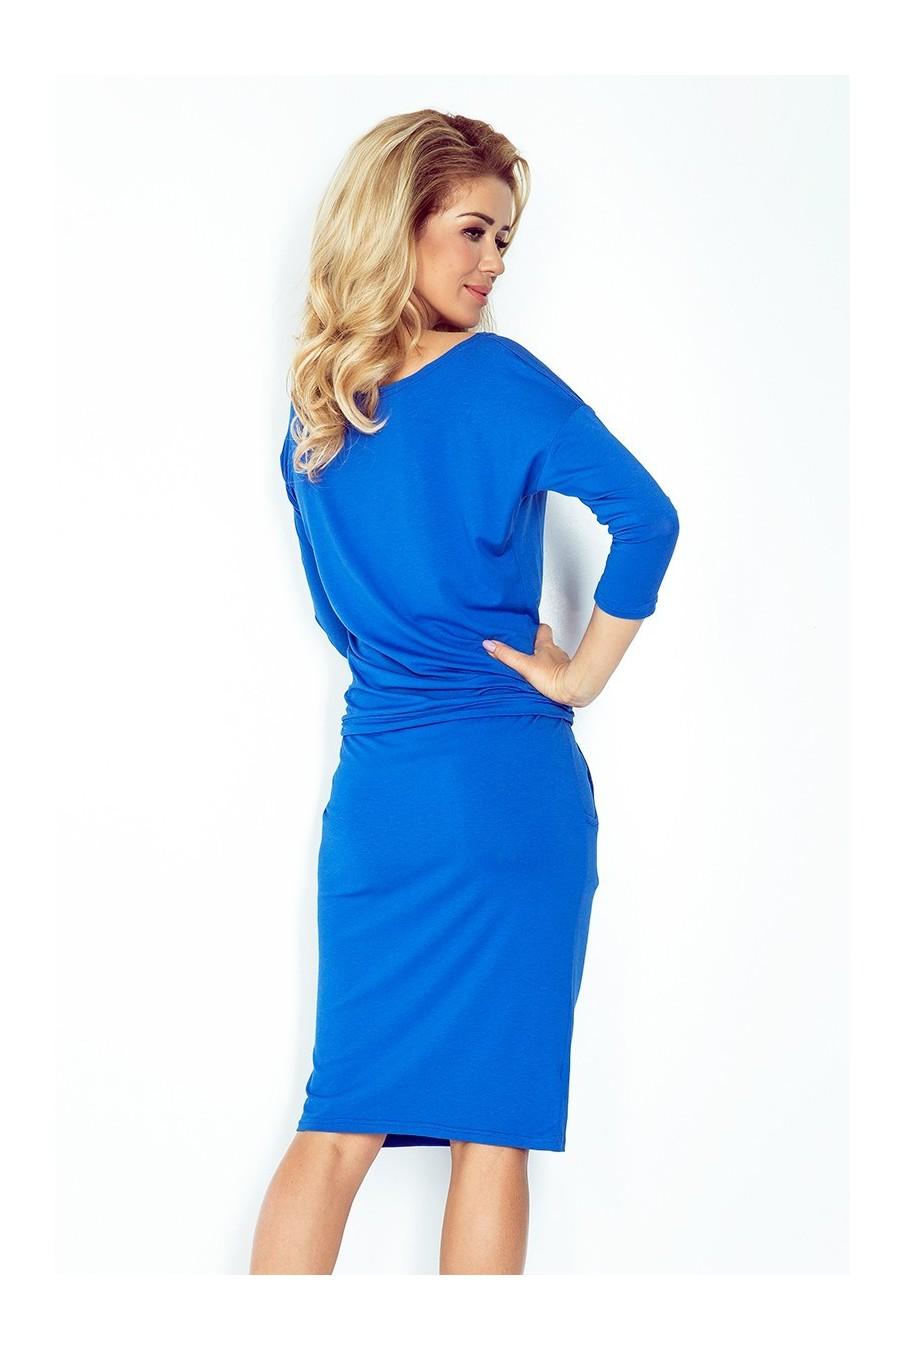 Sportovní šaty - modré 13-16 0